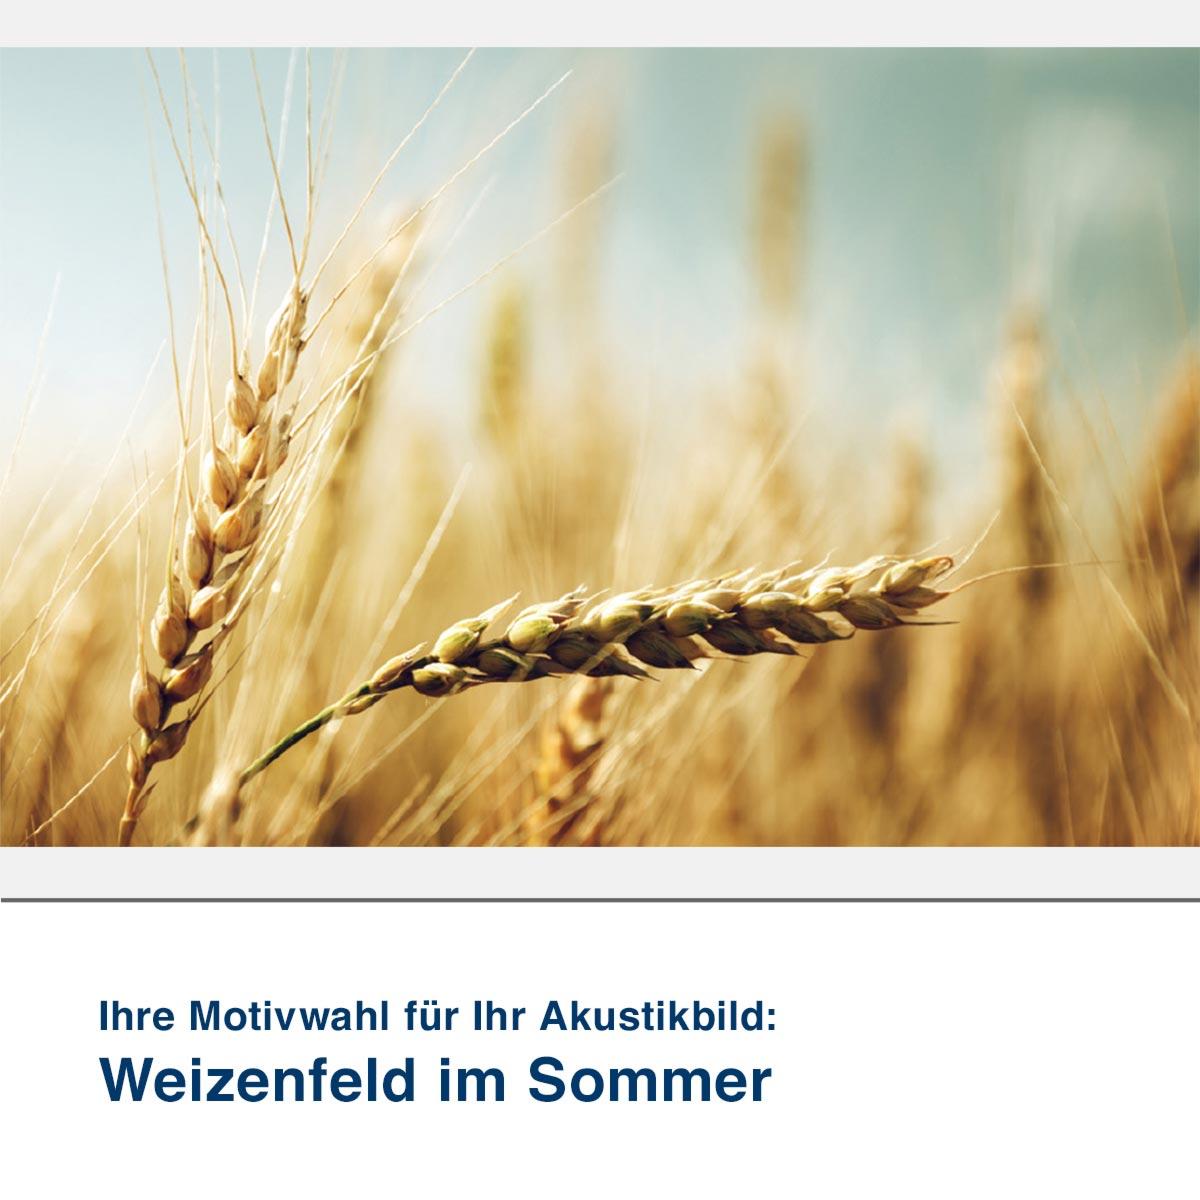 Akustikbild Motiv Weizenfeld im Sommer